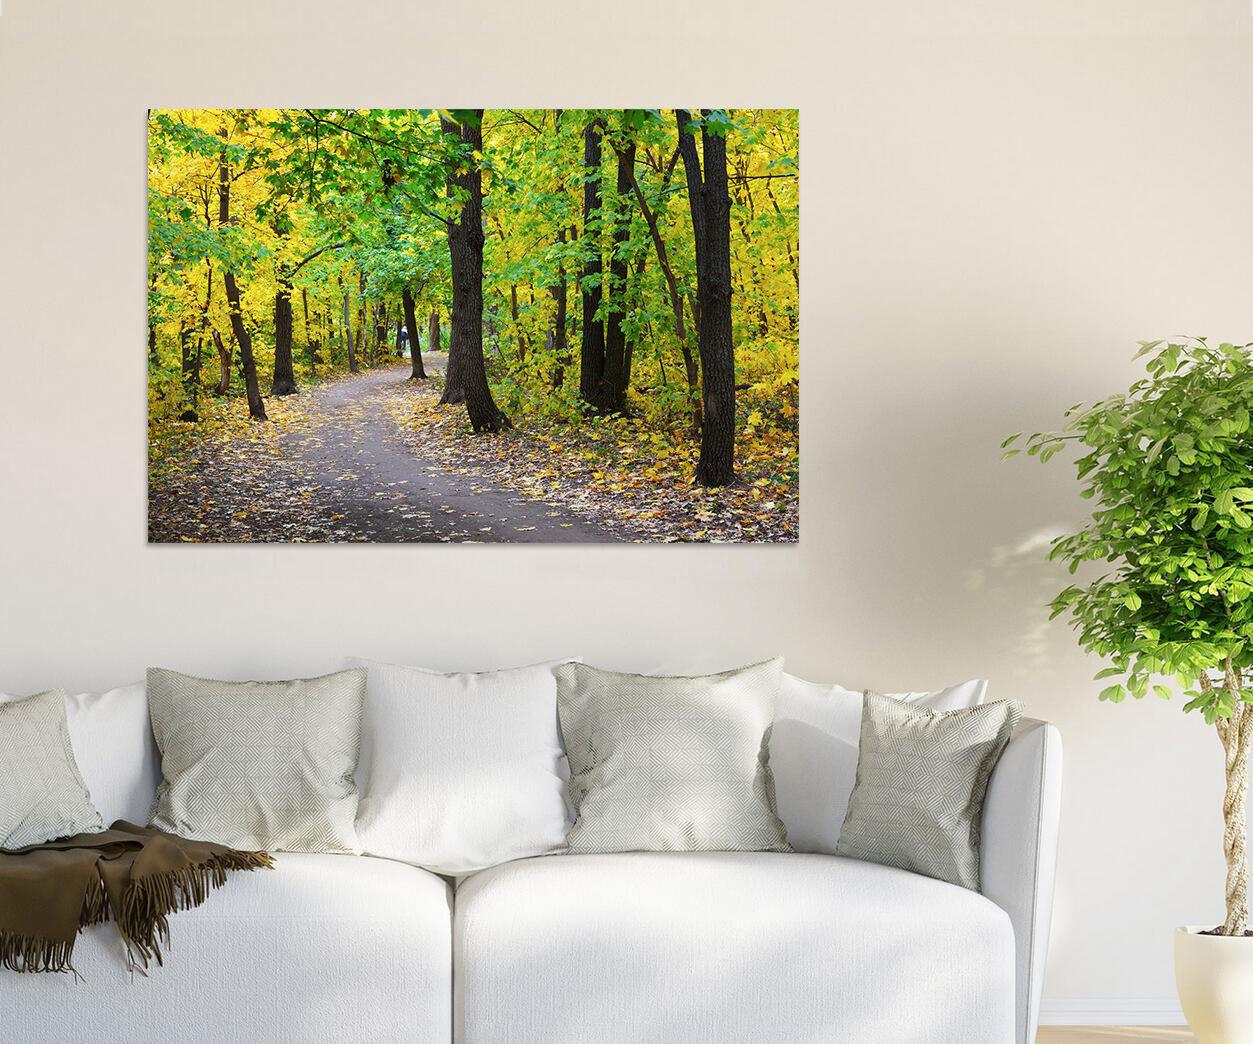 3D Herbst Laub Wlder Weg 8556  Fototapeten Wandbild BildTapete AJSTORE DE Lemon